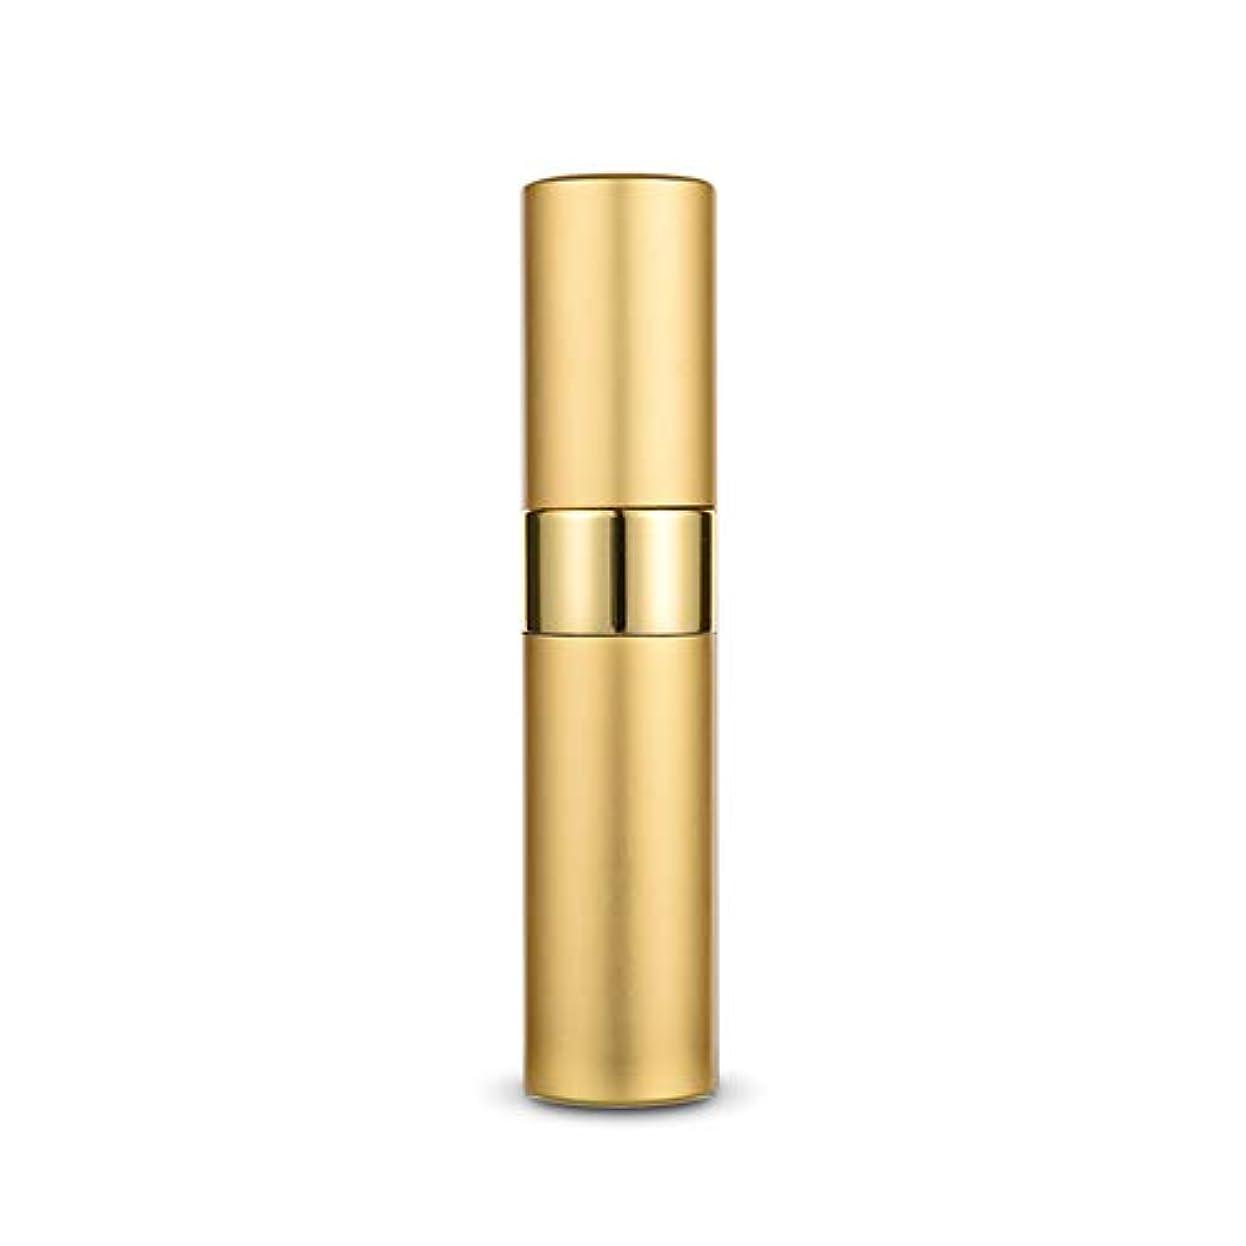 つぶす見習い膨らみGoodFaith 2019新 香水 アトマイザー フルーティーな香り 人気 8ml メンズ 男女兼用 四季兼用 20代 30代 40代 芸能人 プレゼント